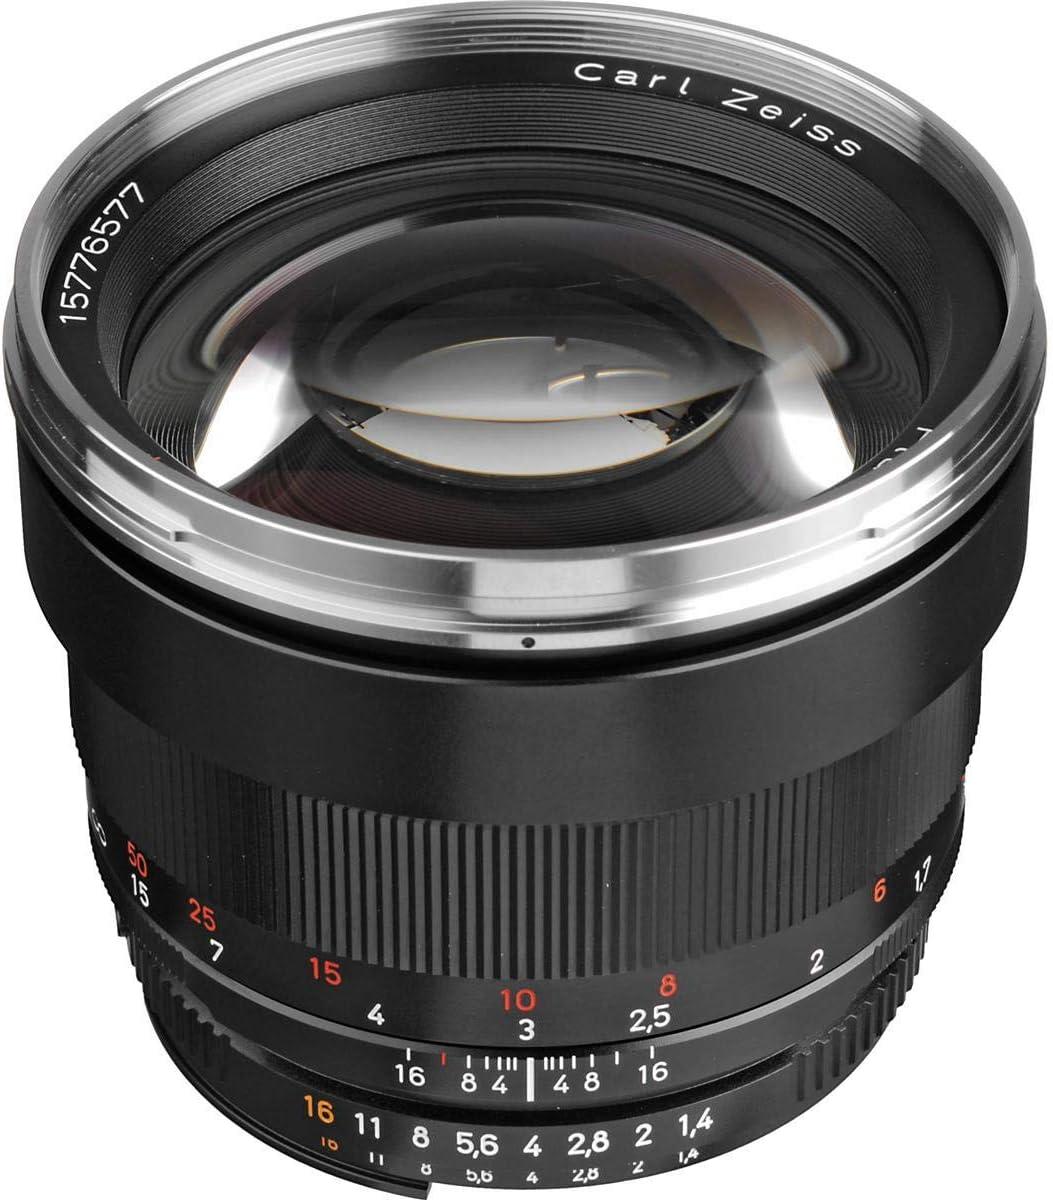 Carl Zeiss 85 Mm F 1 4 Planar T Zf Objektiv Kamera